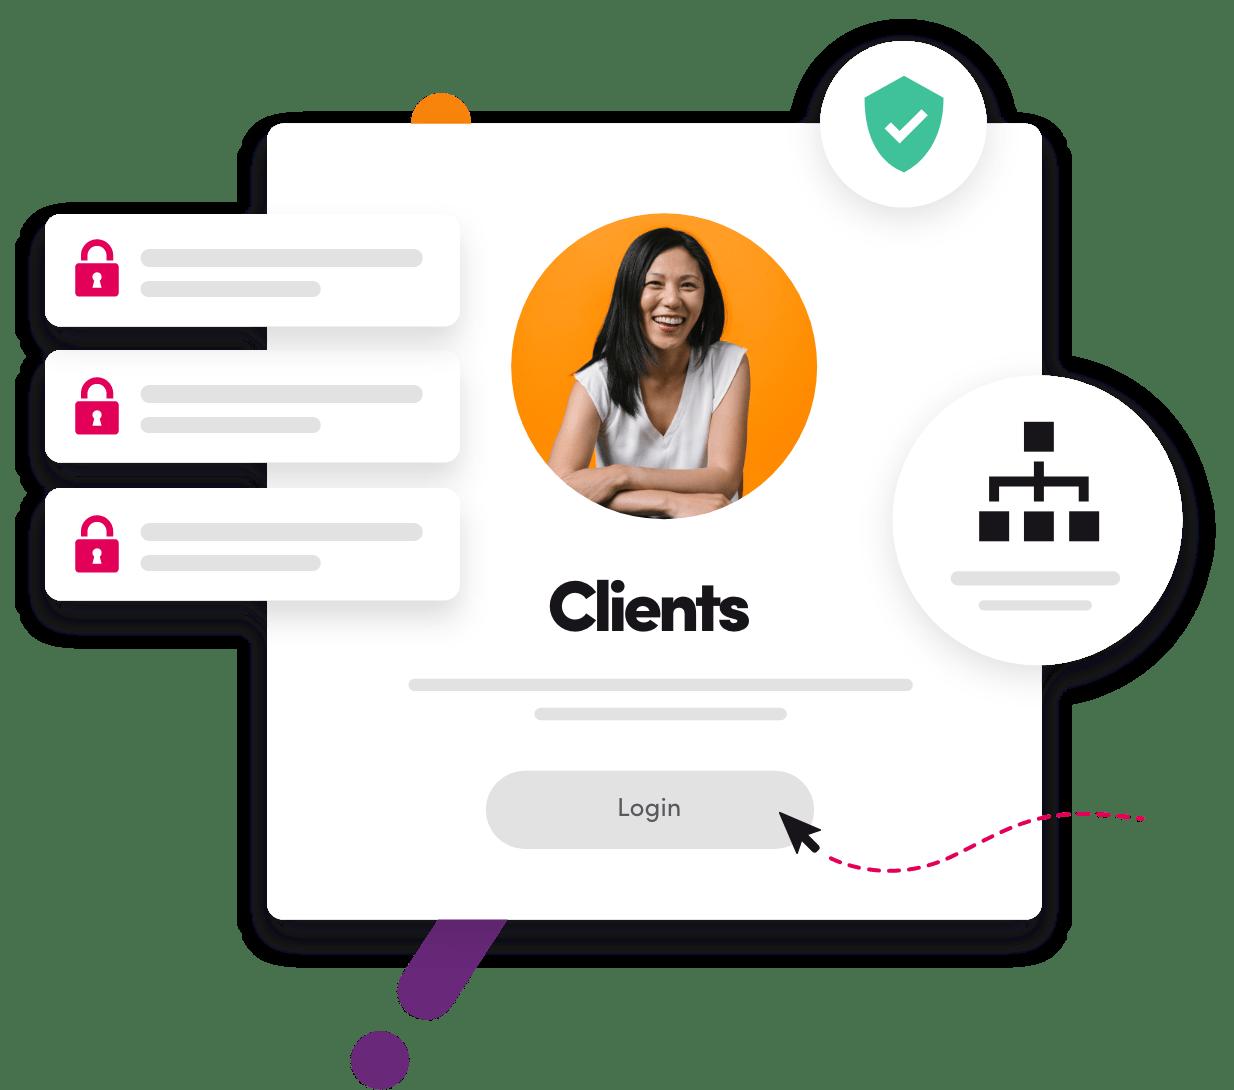 Client Access Illustration